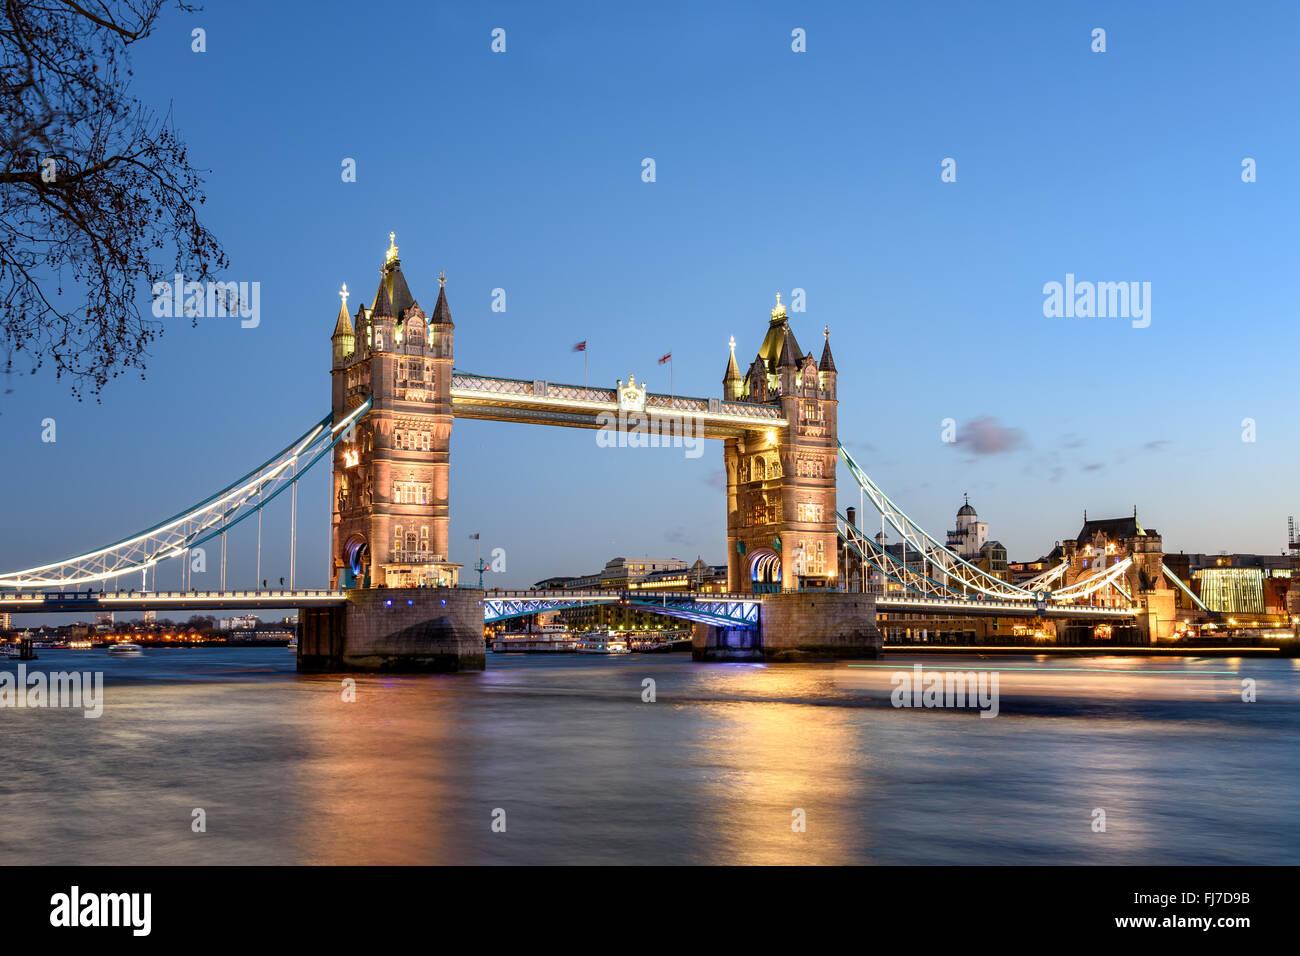 Tower Bridge von London ist das berühmteste Wahrzeichen und Touristenattraktion. Stockbild